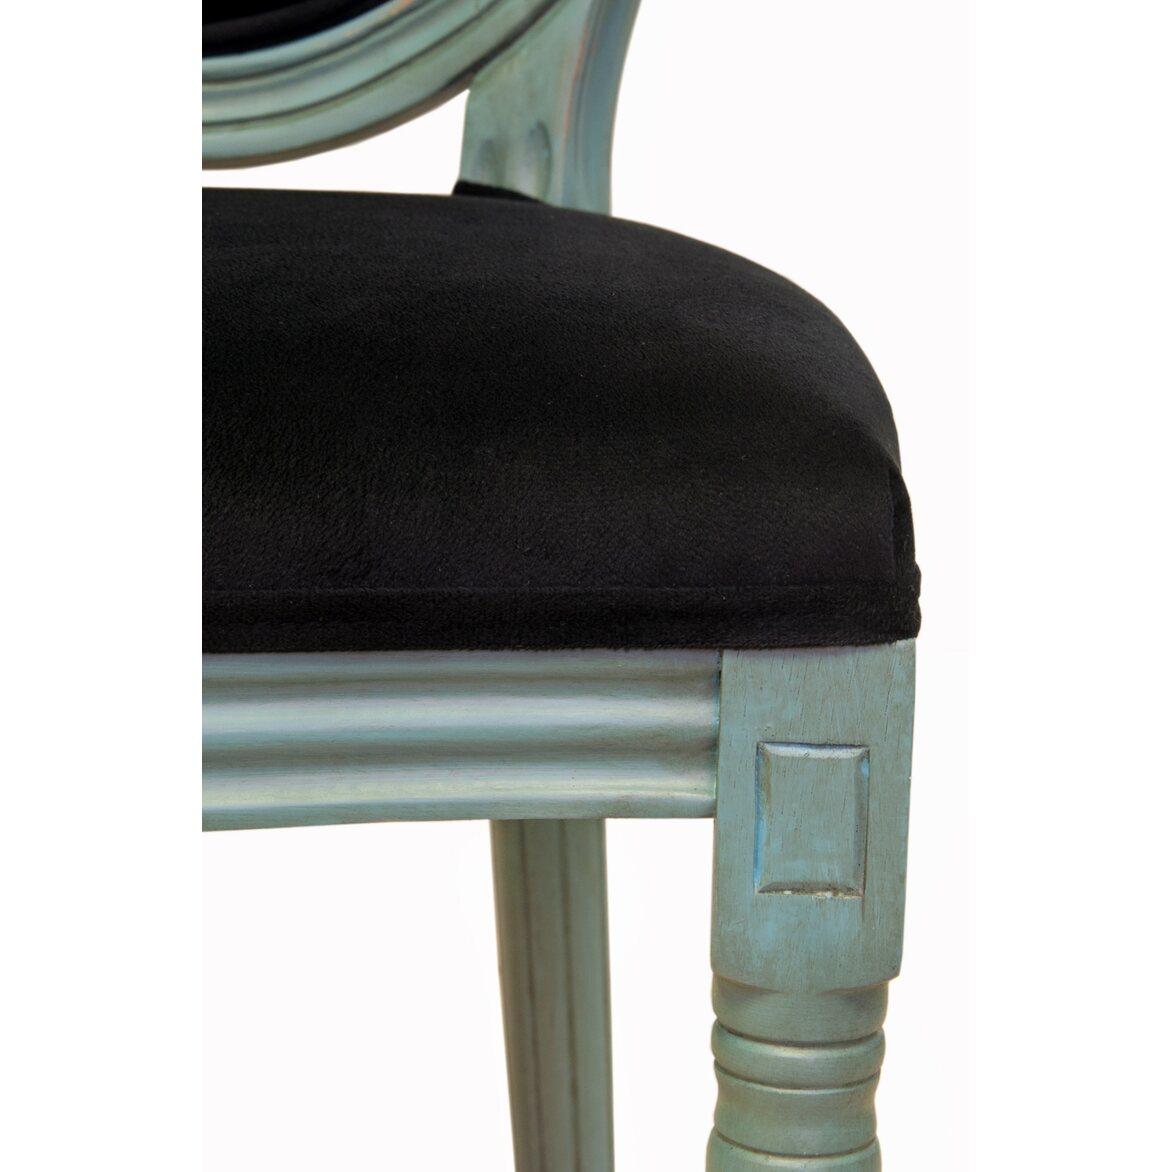 Стул Volker old navy 5 | Обеденные стулья Kingsby